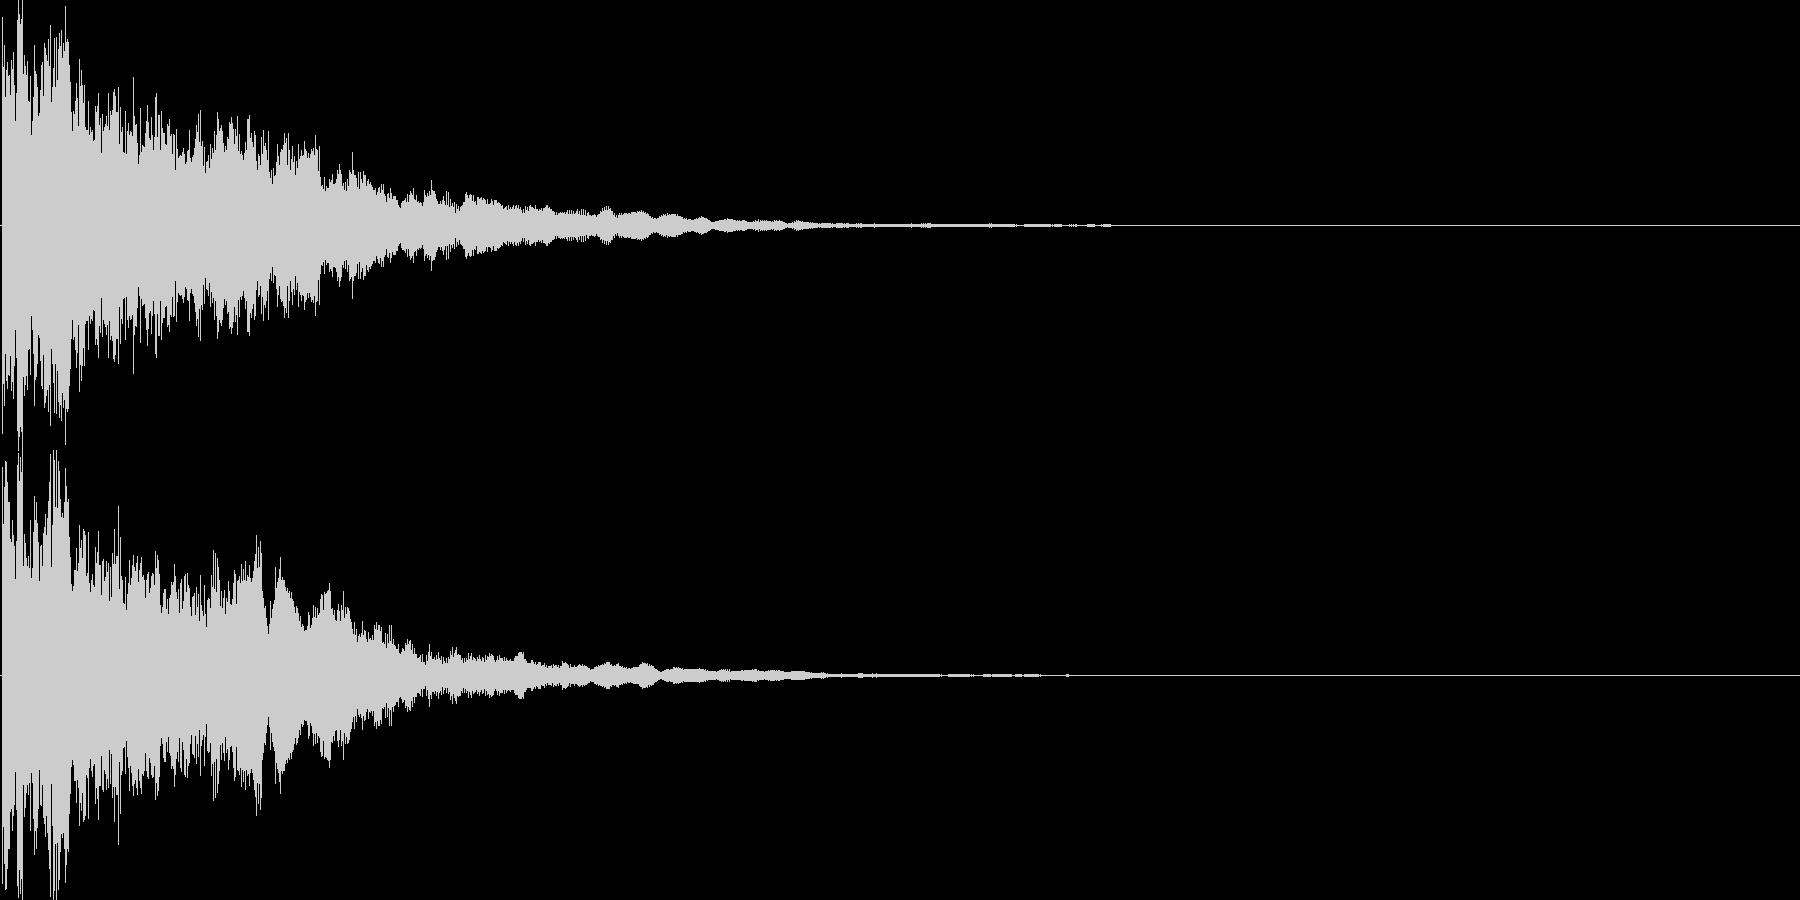 キラーン(決定音、アプリ、ゲームに)の未再生の波形